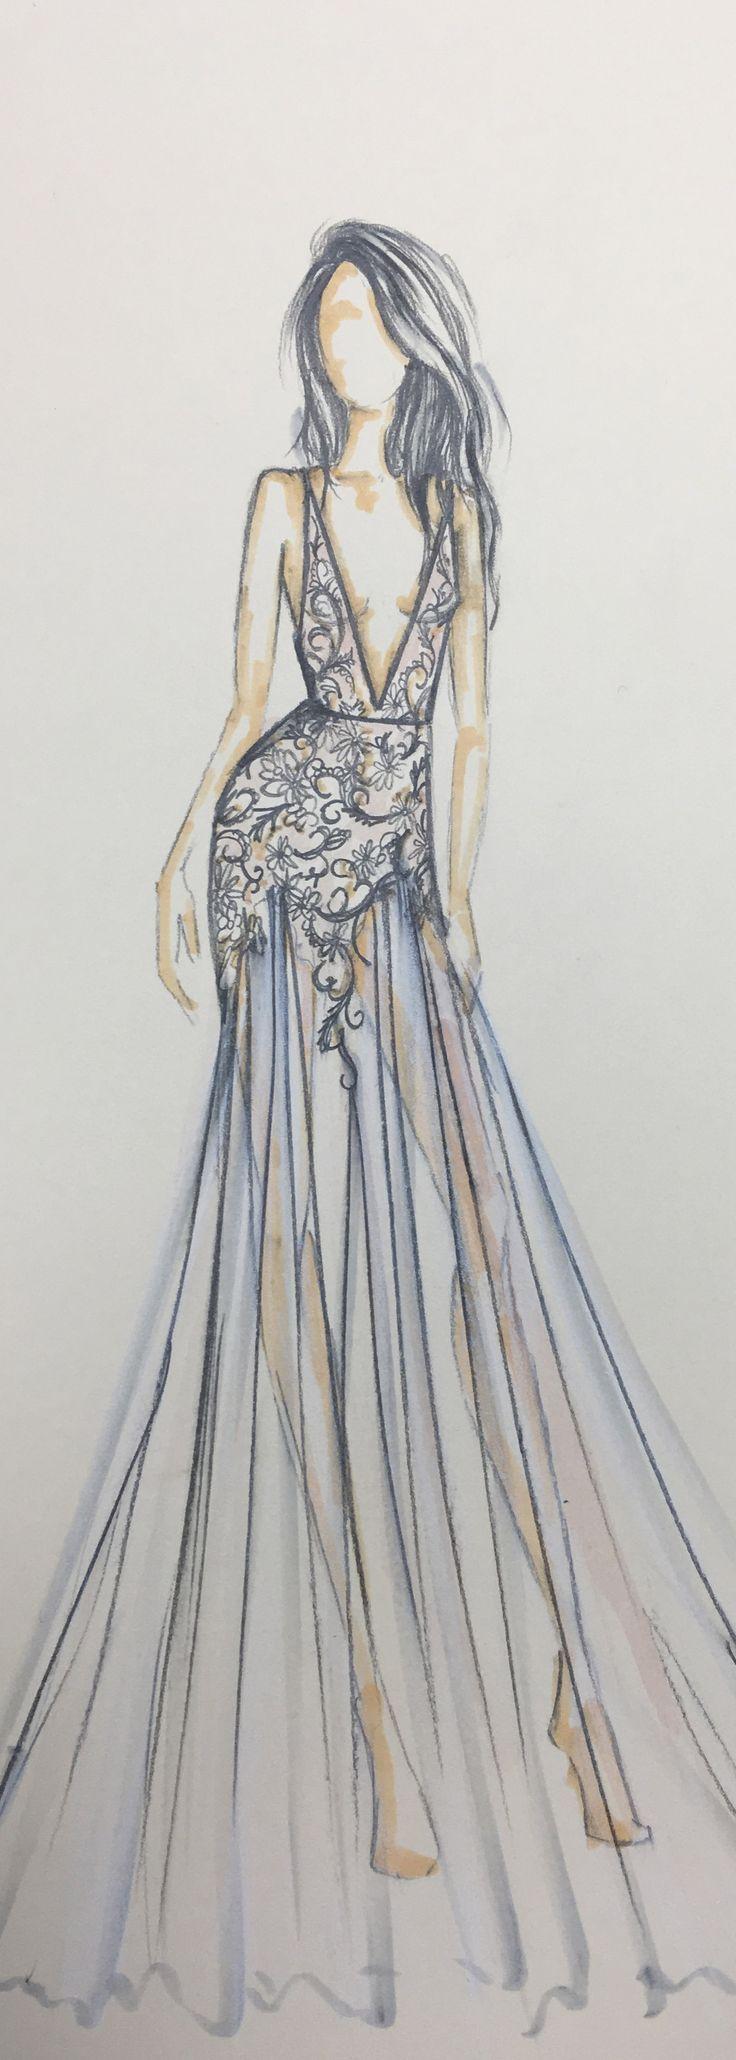 Berta 2017 sketch style 17 136 - Kleider zeichnen ...